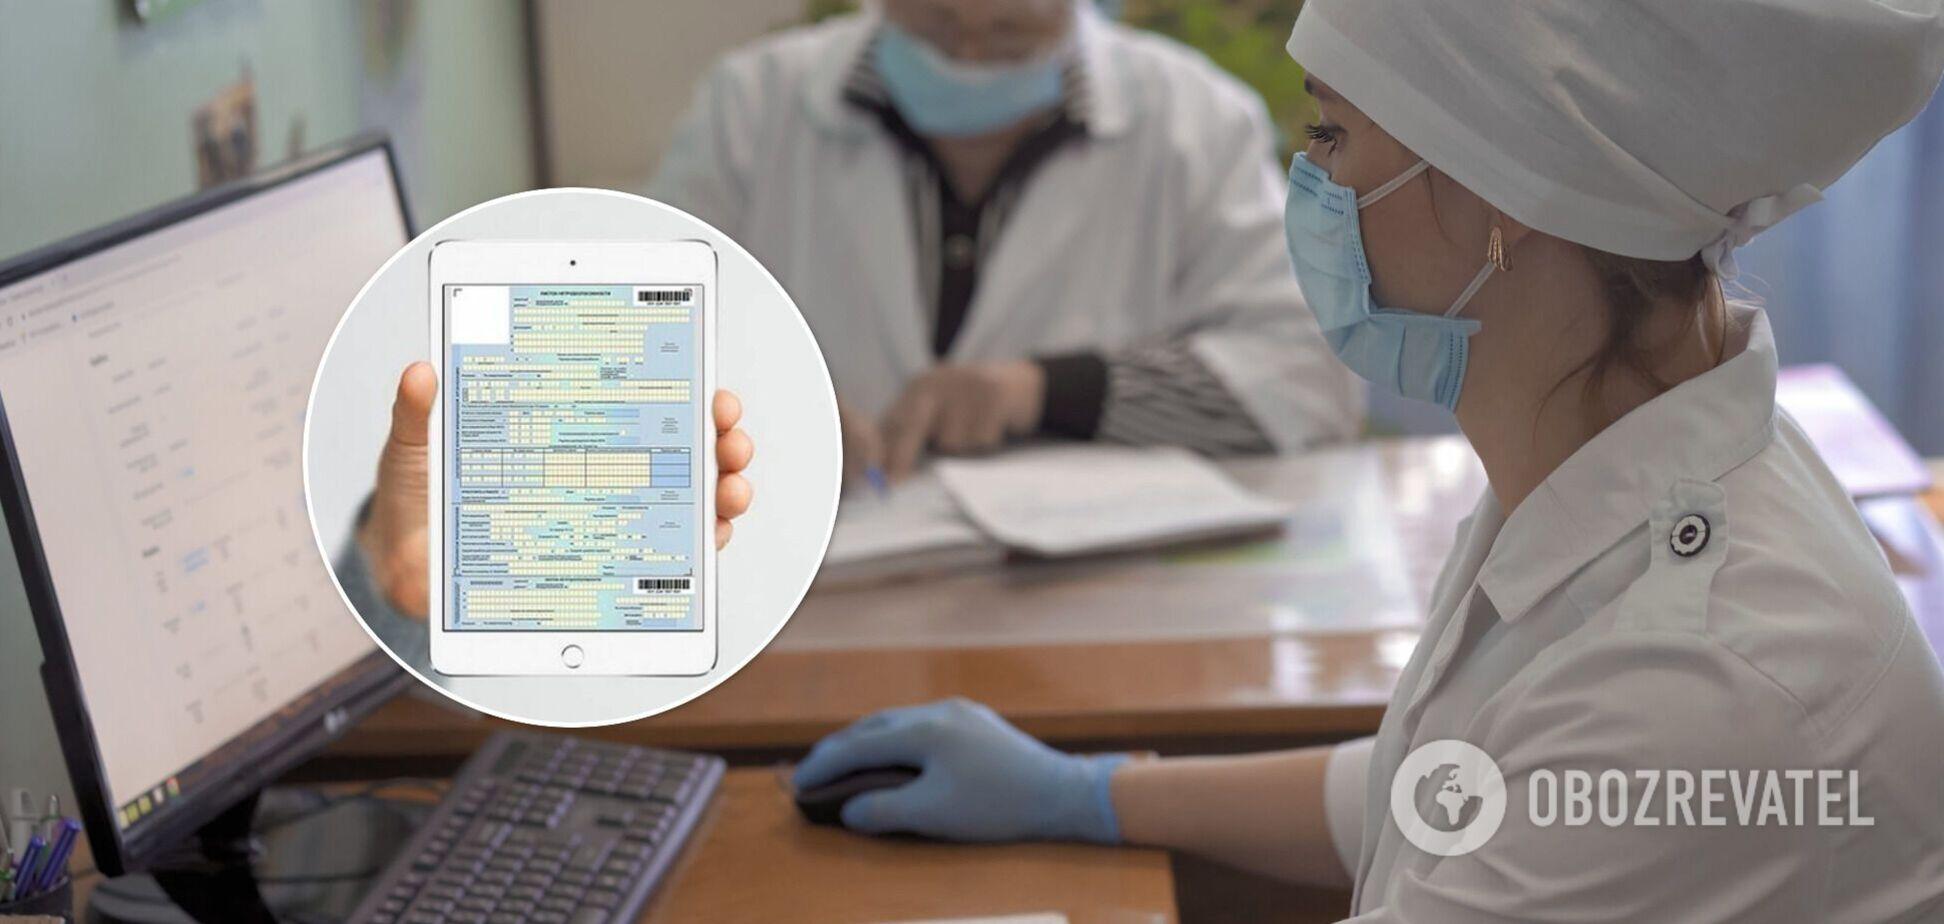 Украина перешла на электронные больничные: как оформить и что нужно знать